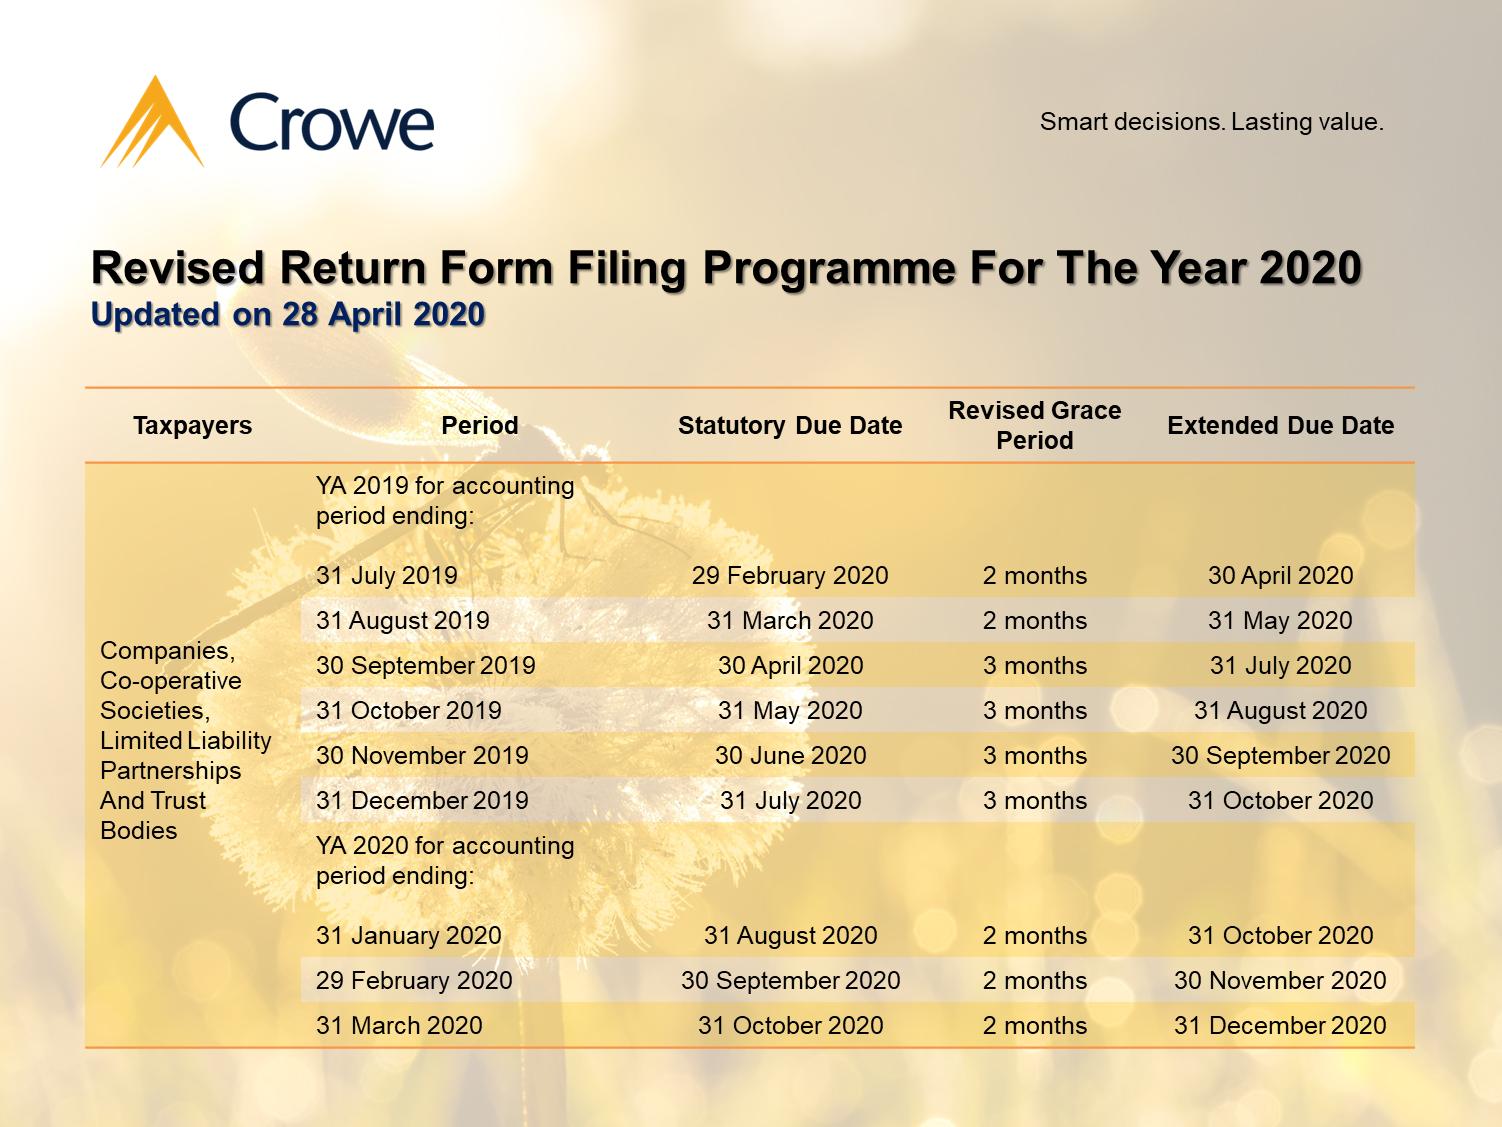 Revised Return Form Filing Programme Table